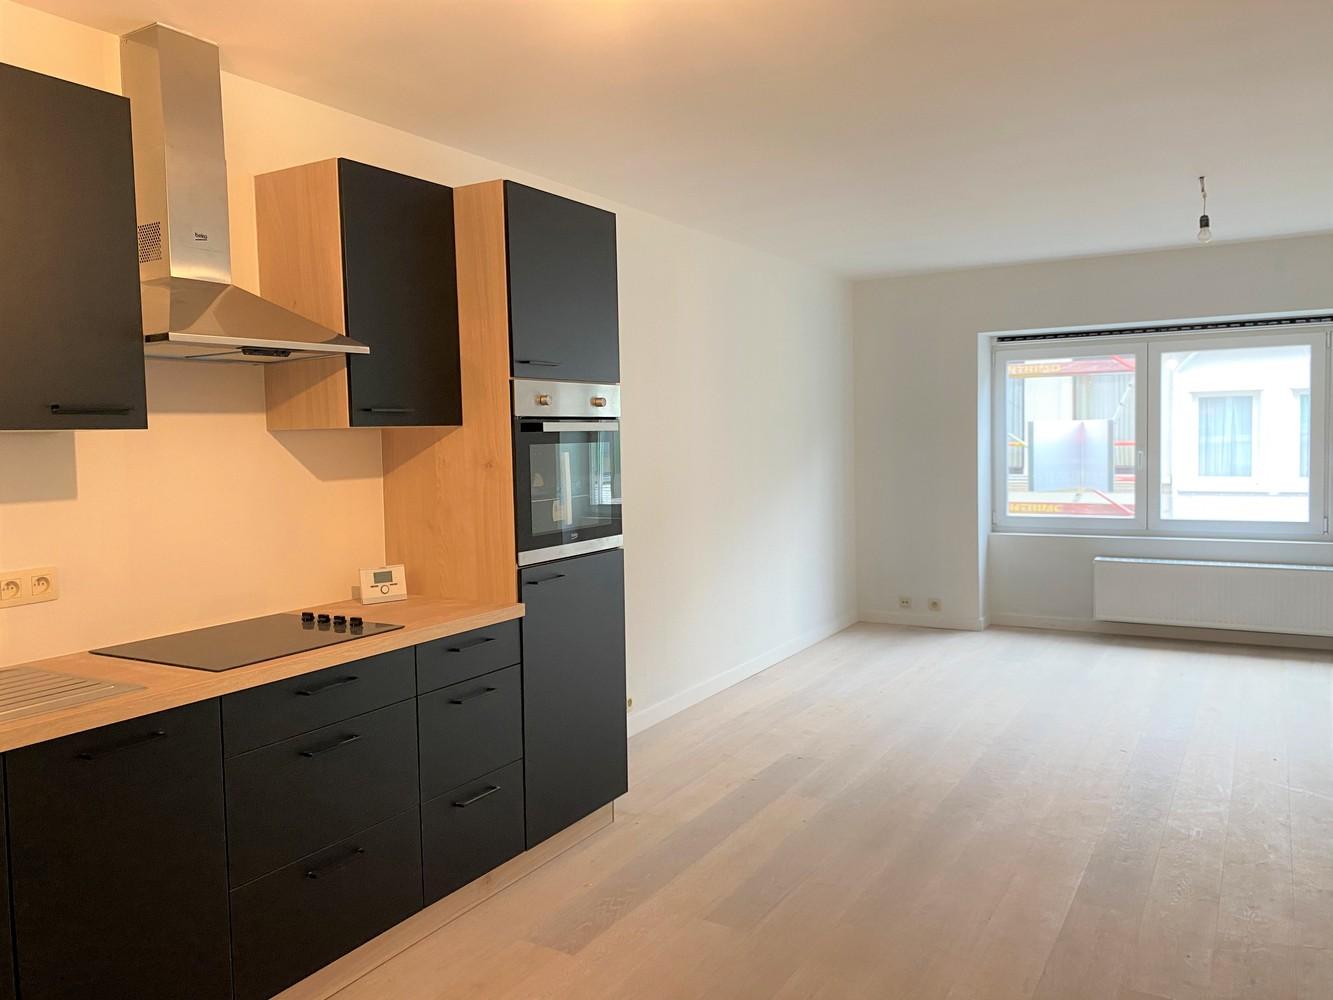 Volledig gerenoveerd appartement met 2 slk op centrale locatie in Borgerhout afbeelding 12